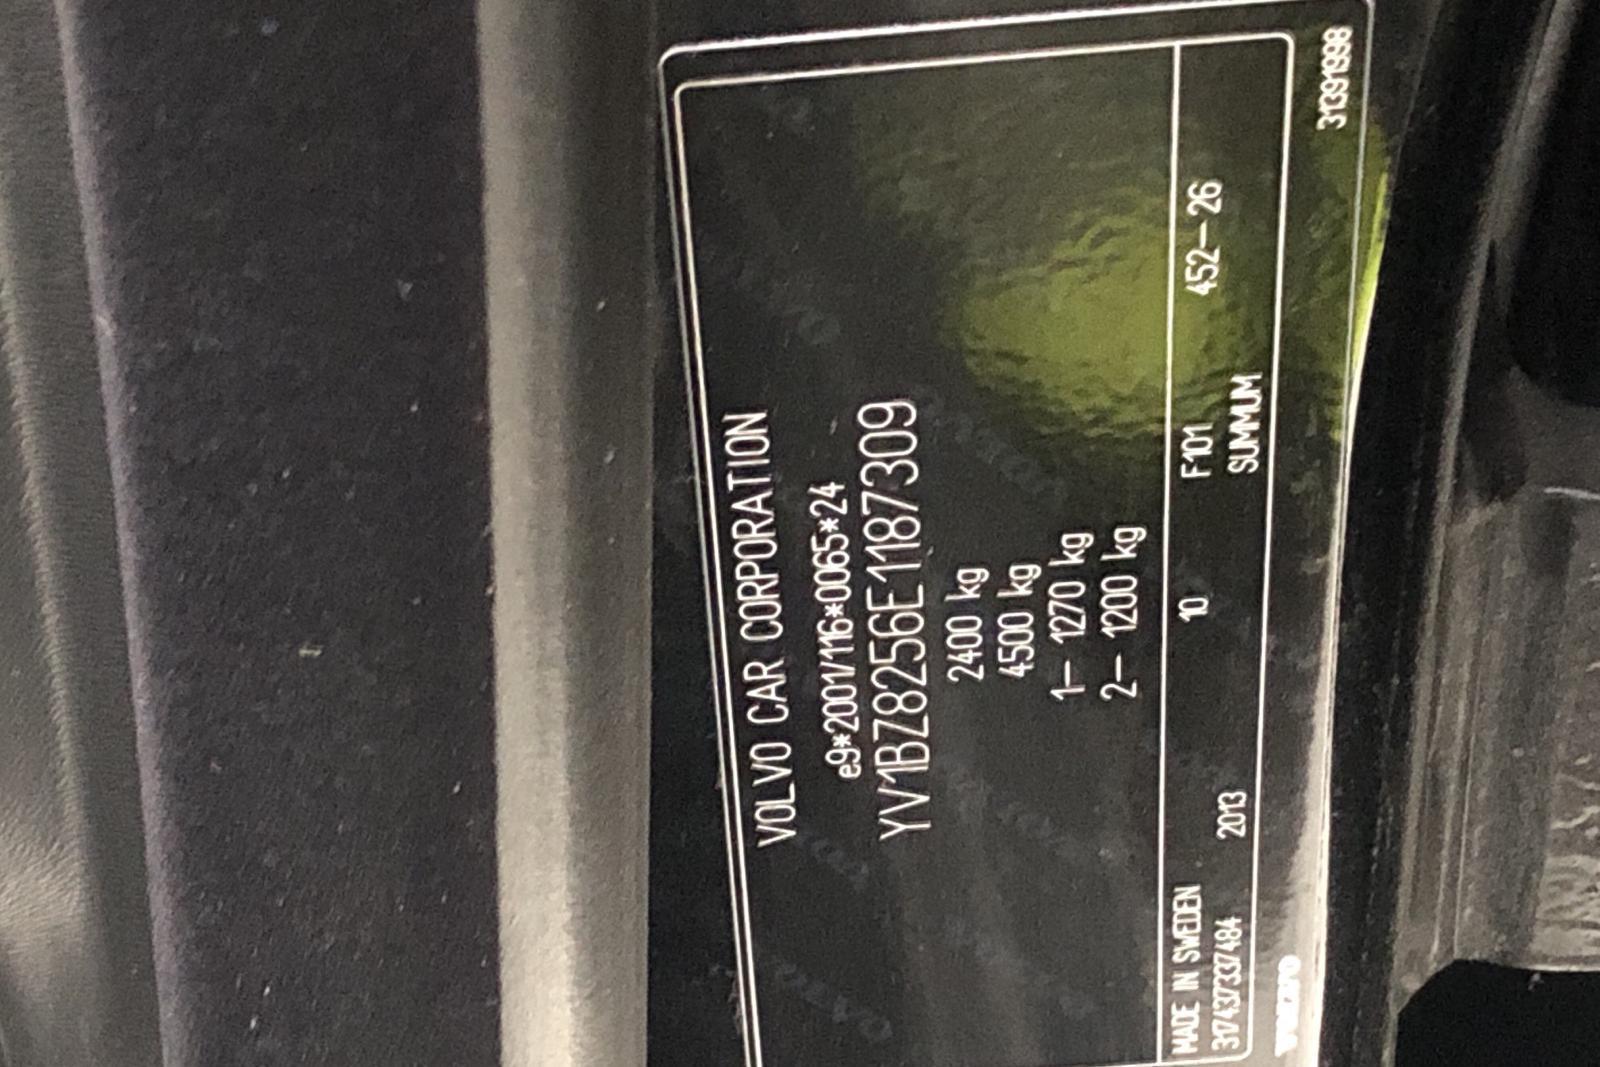 Volvo XC70 II D5 AWD (215hk) - 18 203 mil - Automat - svart - 2014